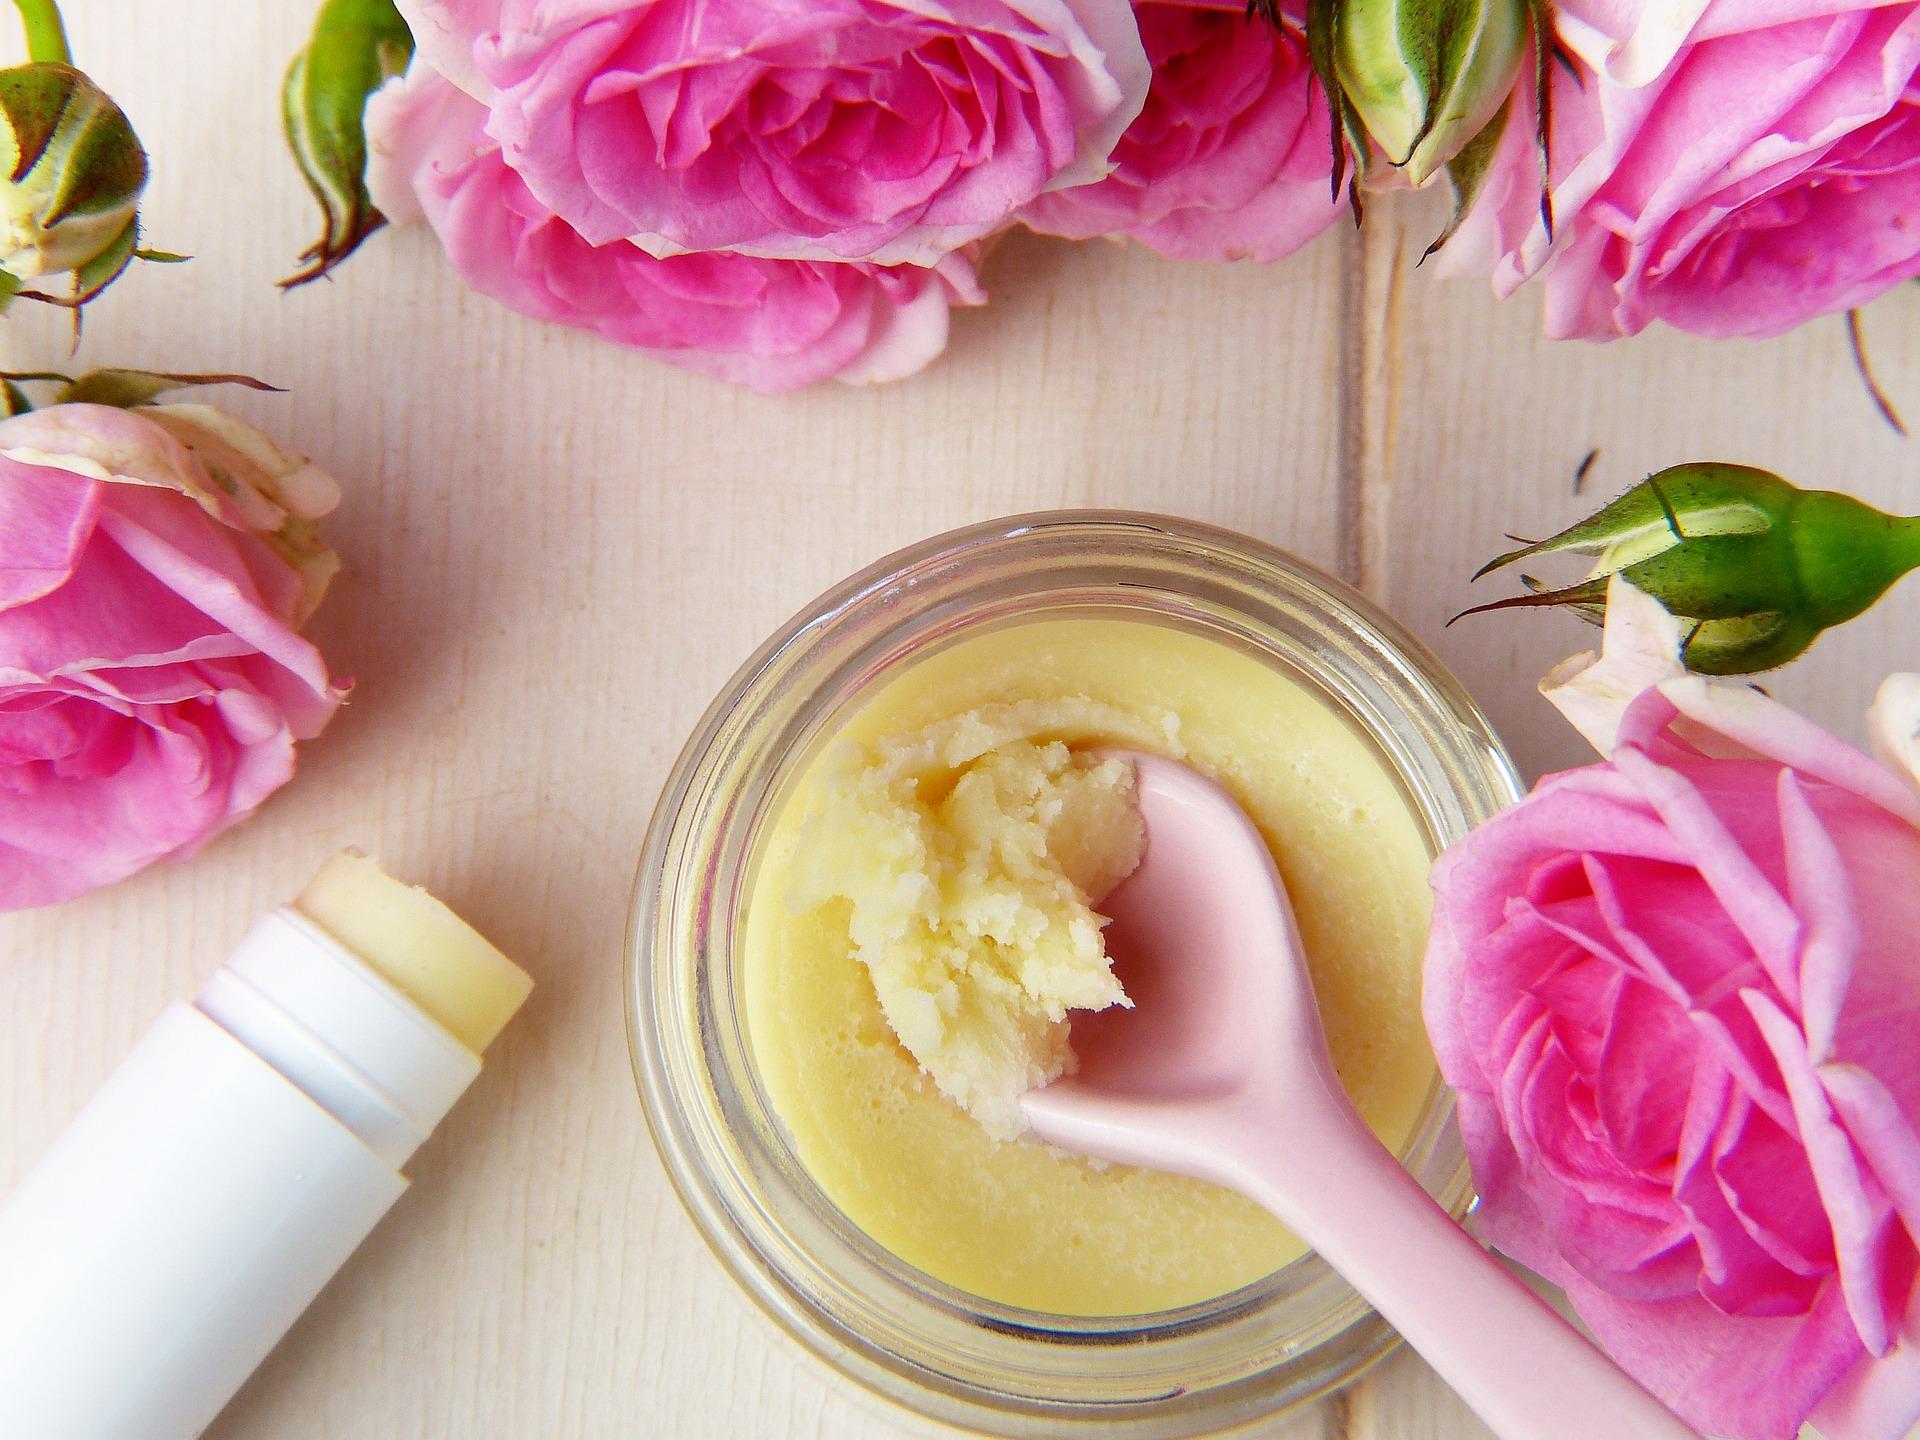 rose-butter.jpg